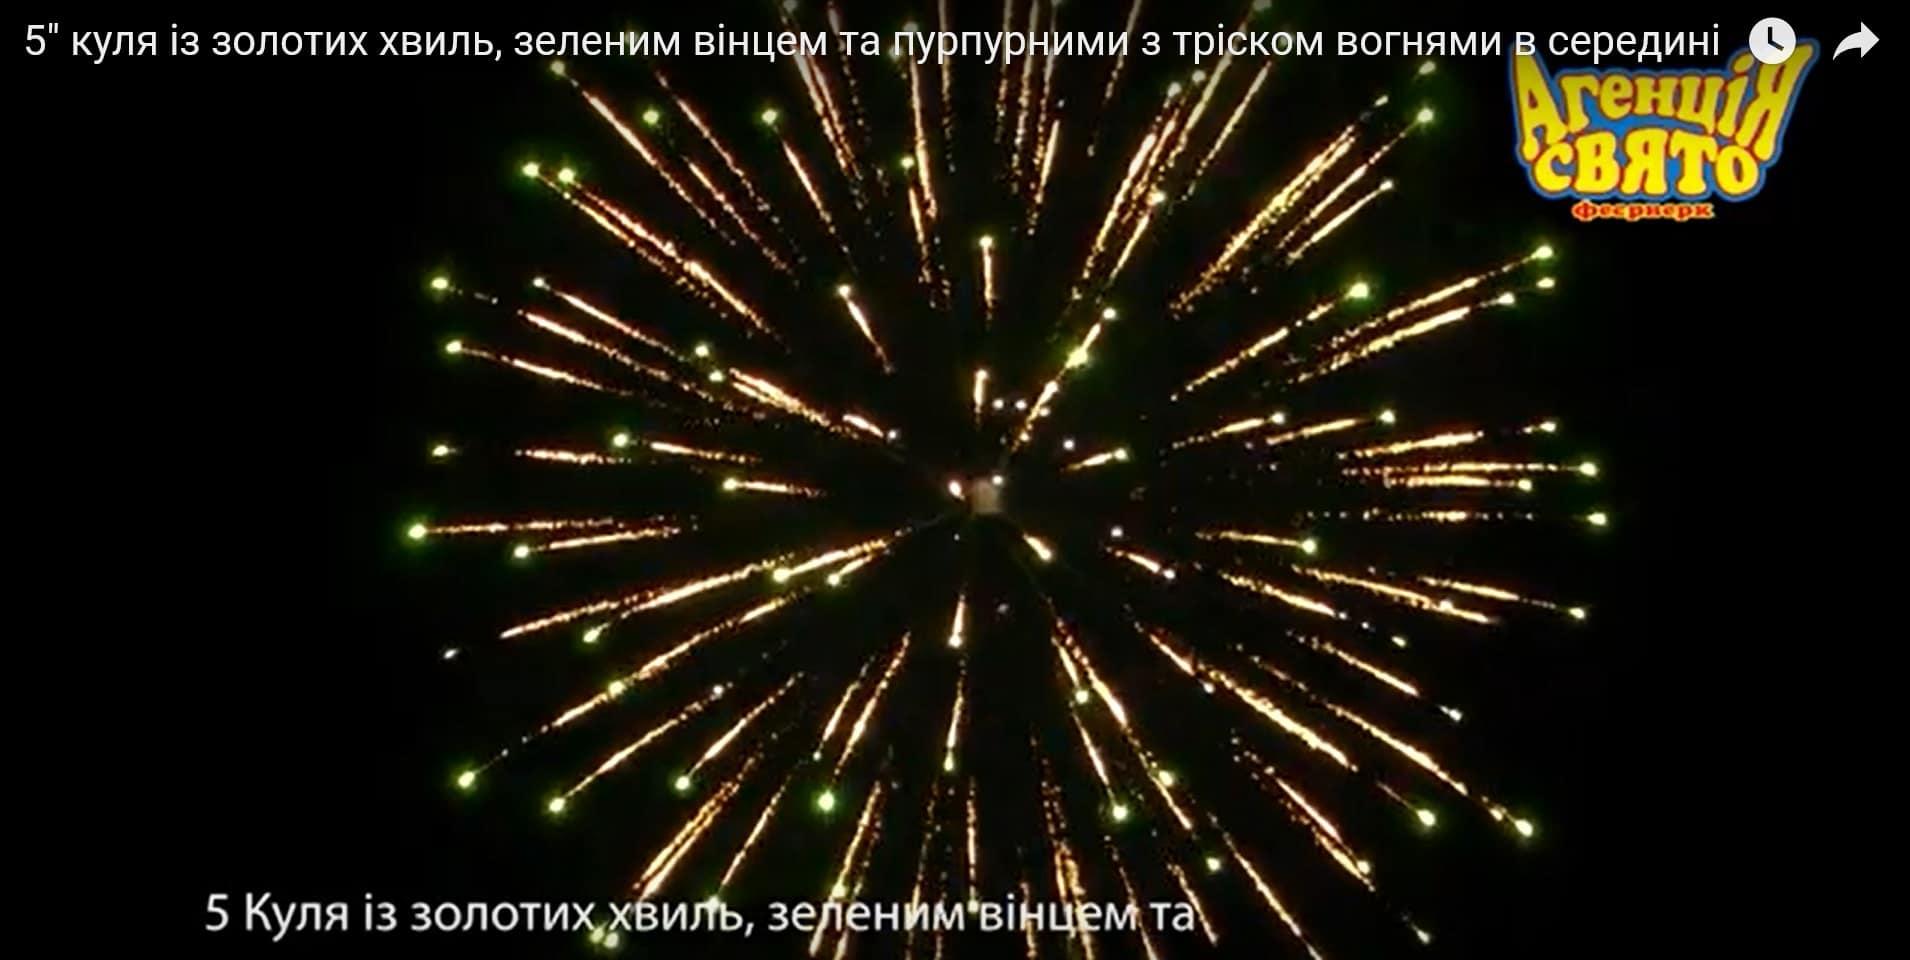 5″ куля із золотих хвиль, зеленим вінцем та пурпурними з тріском вогнями в середині